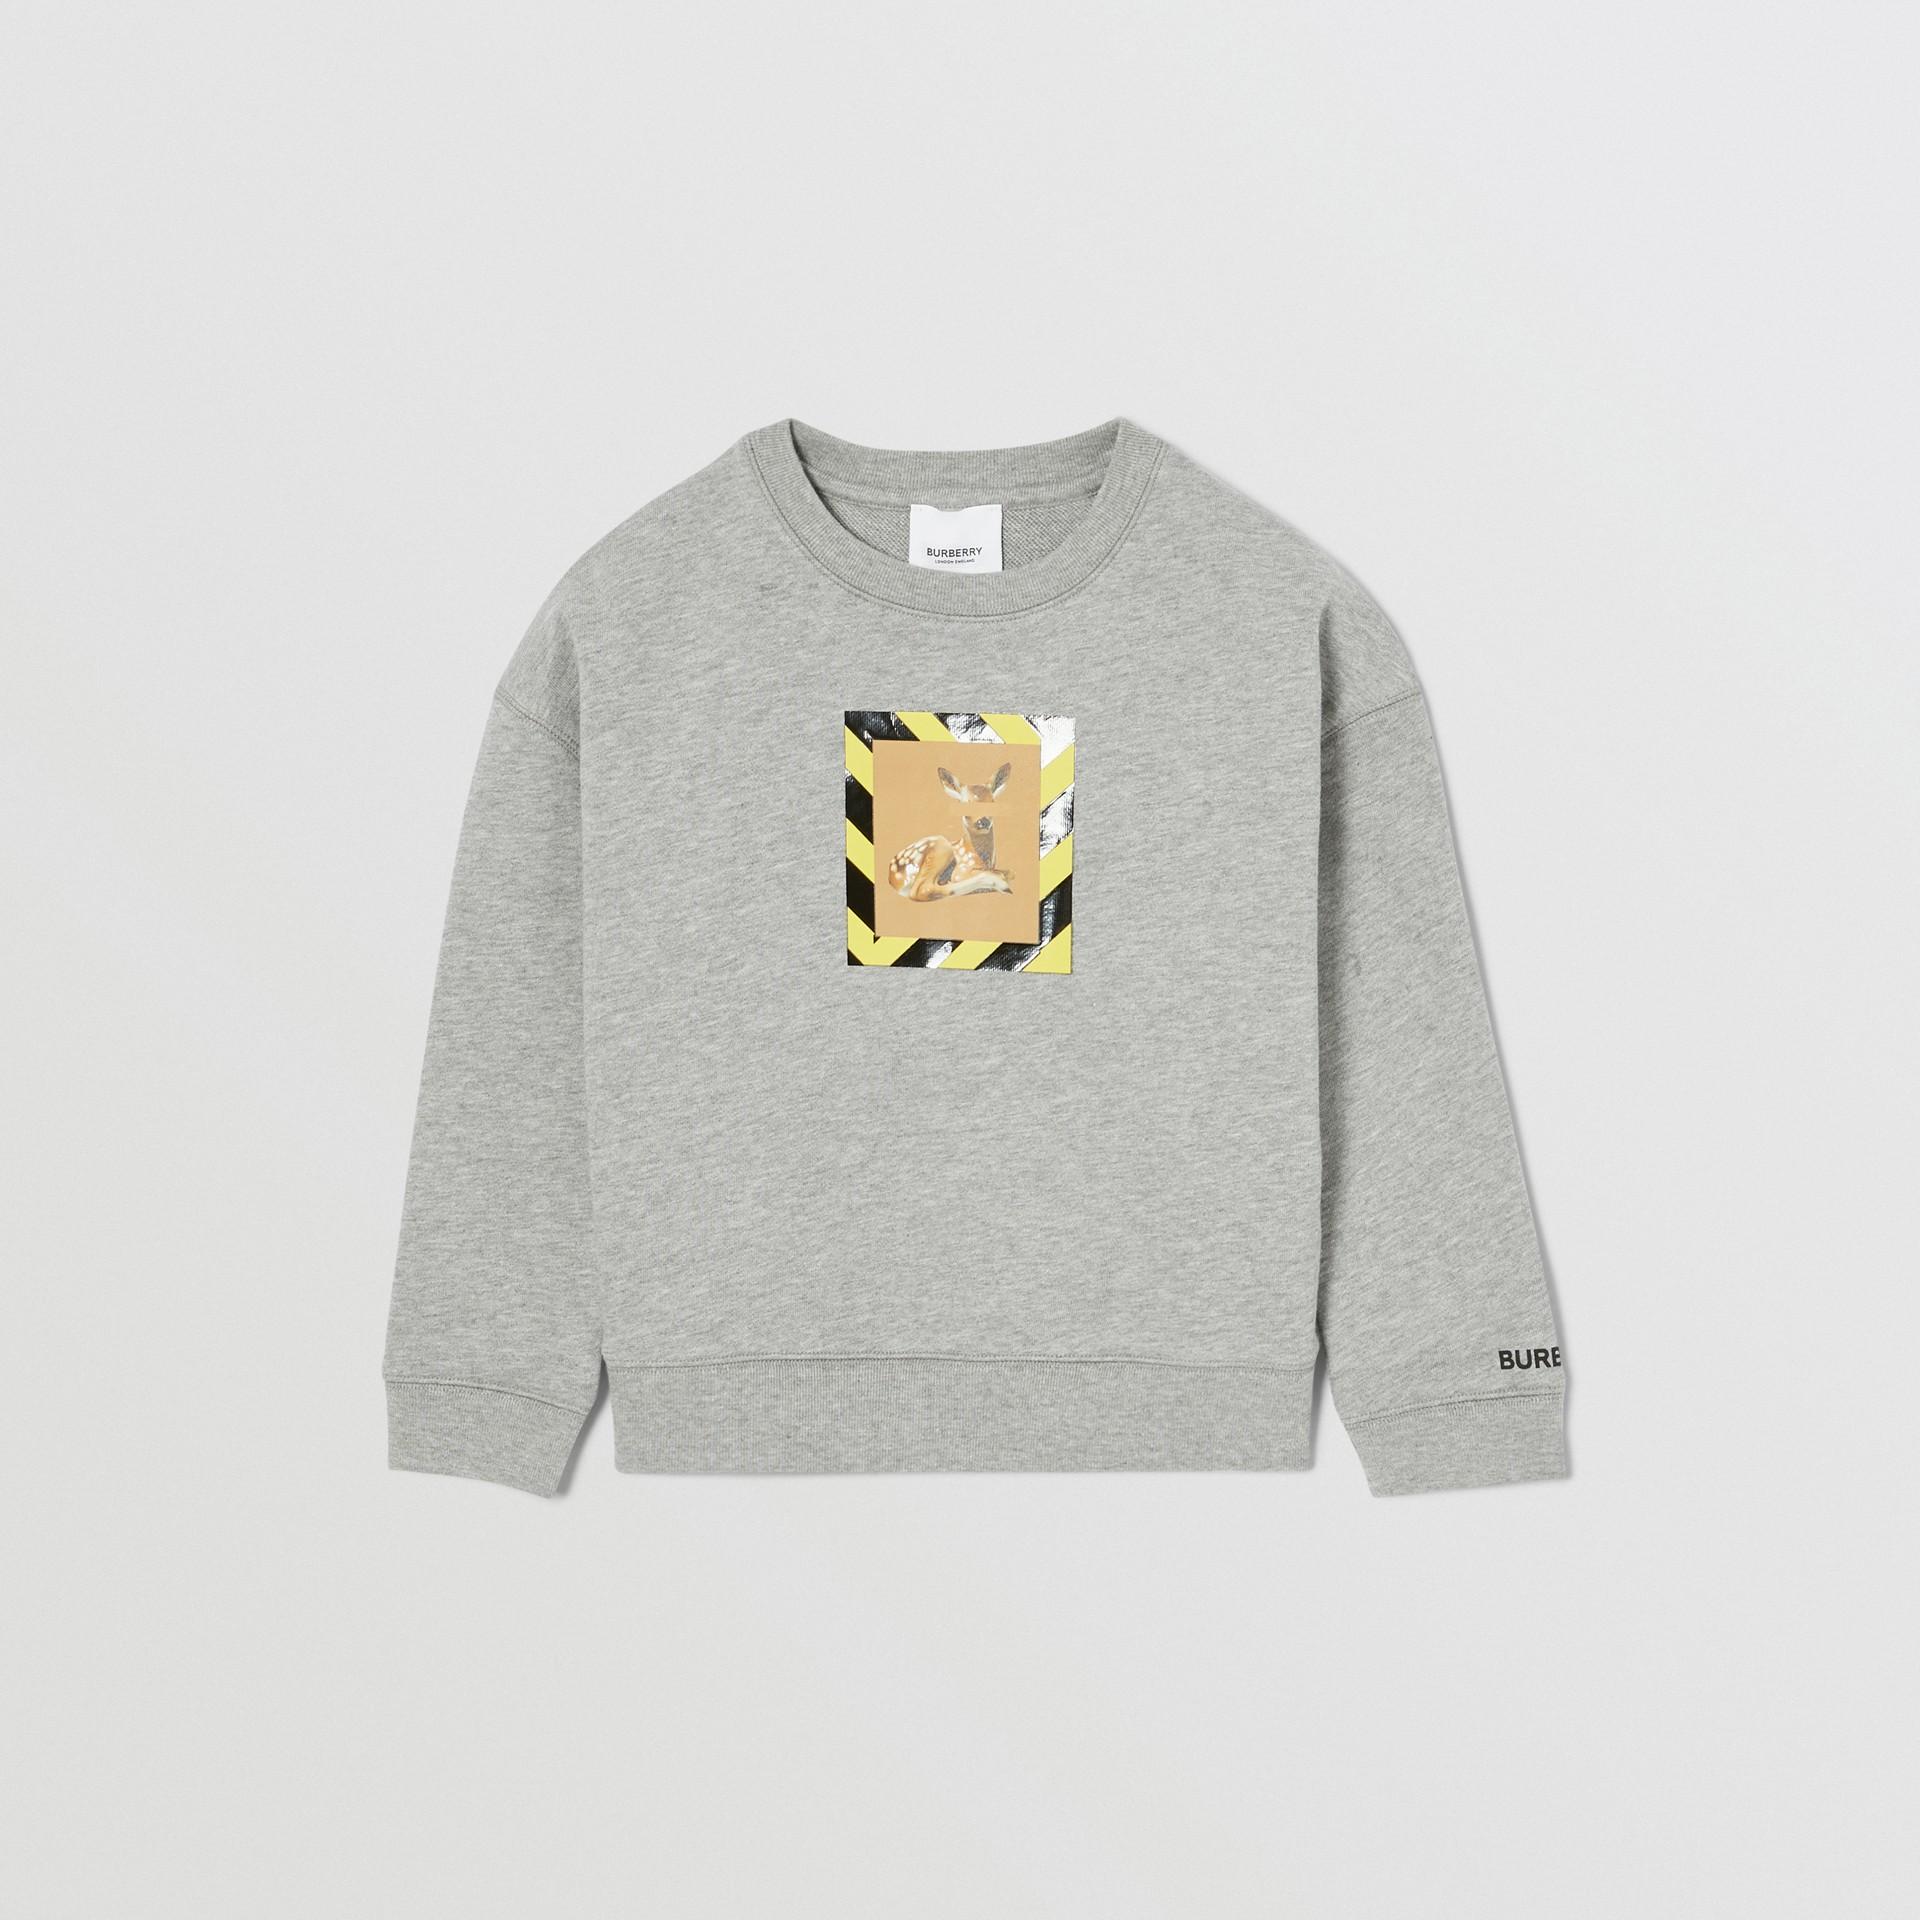 Deer Print Cotton Sweatshirt in Grey Melange | Burberry United Kingdom - gallery image 1